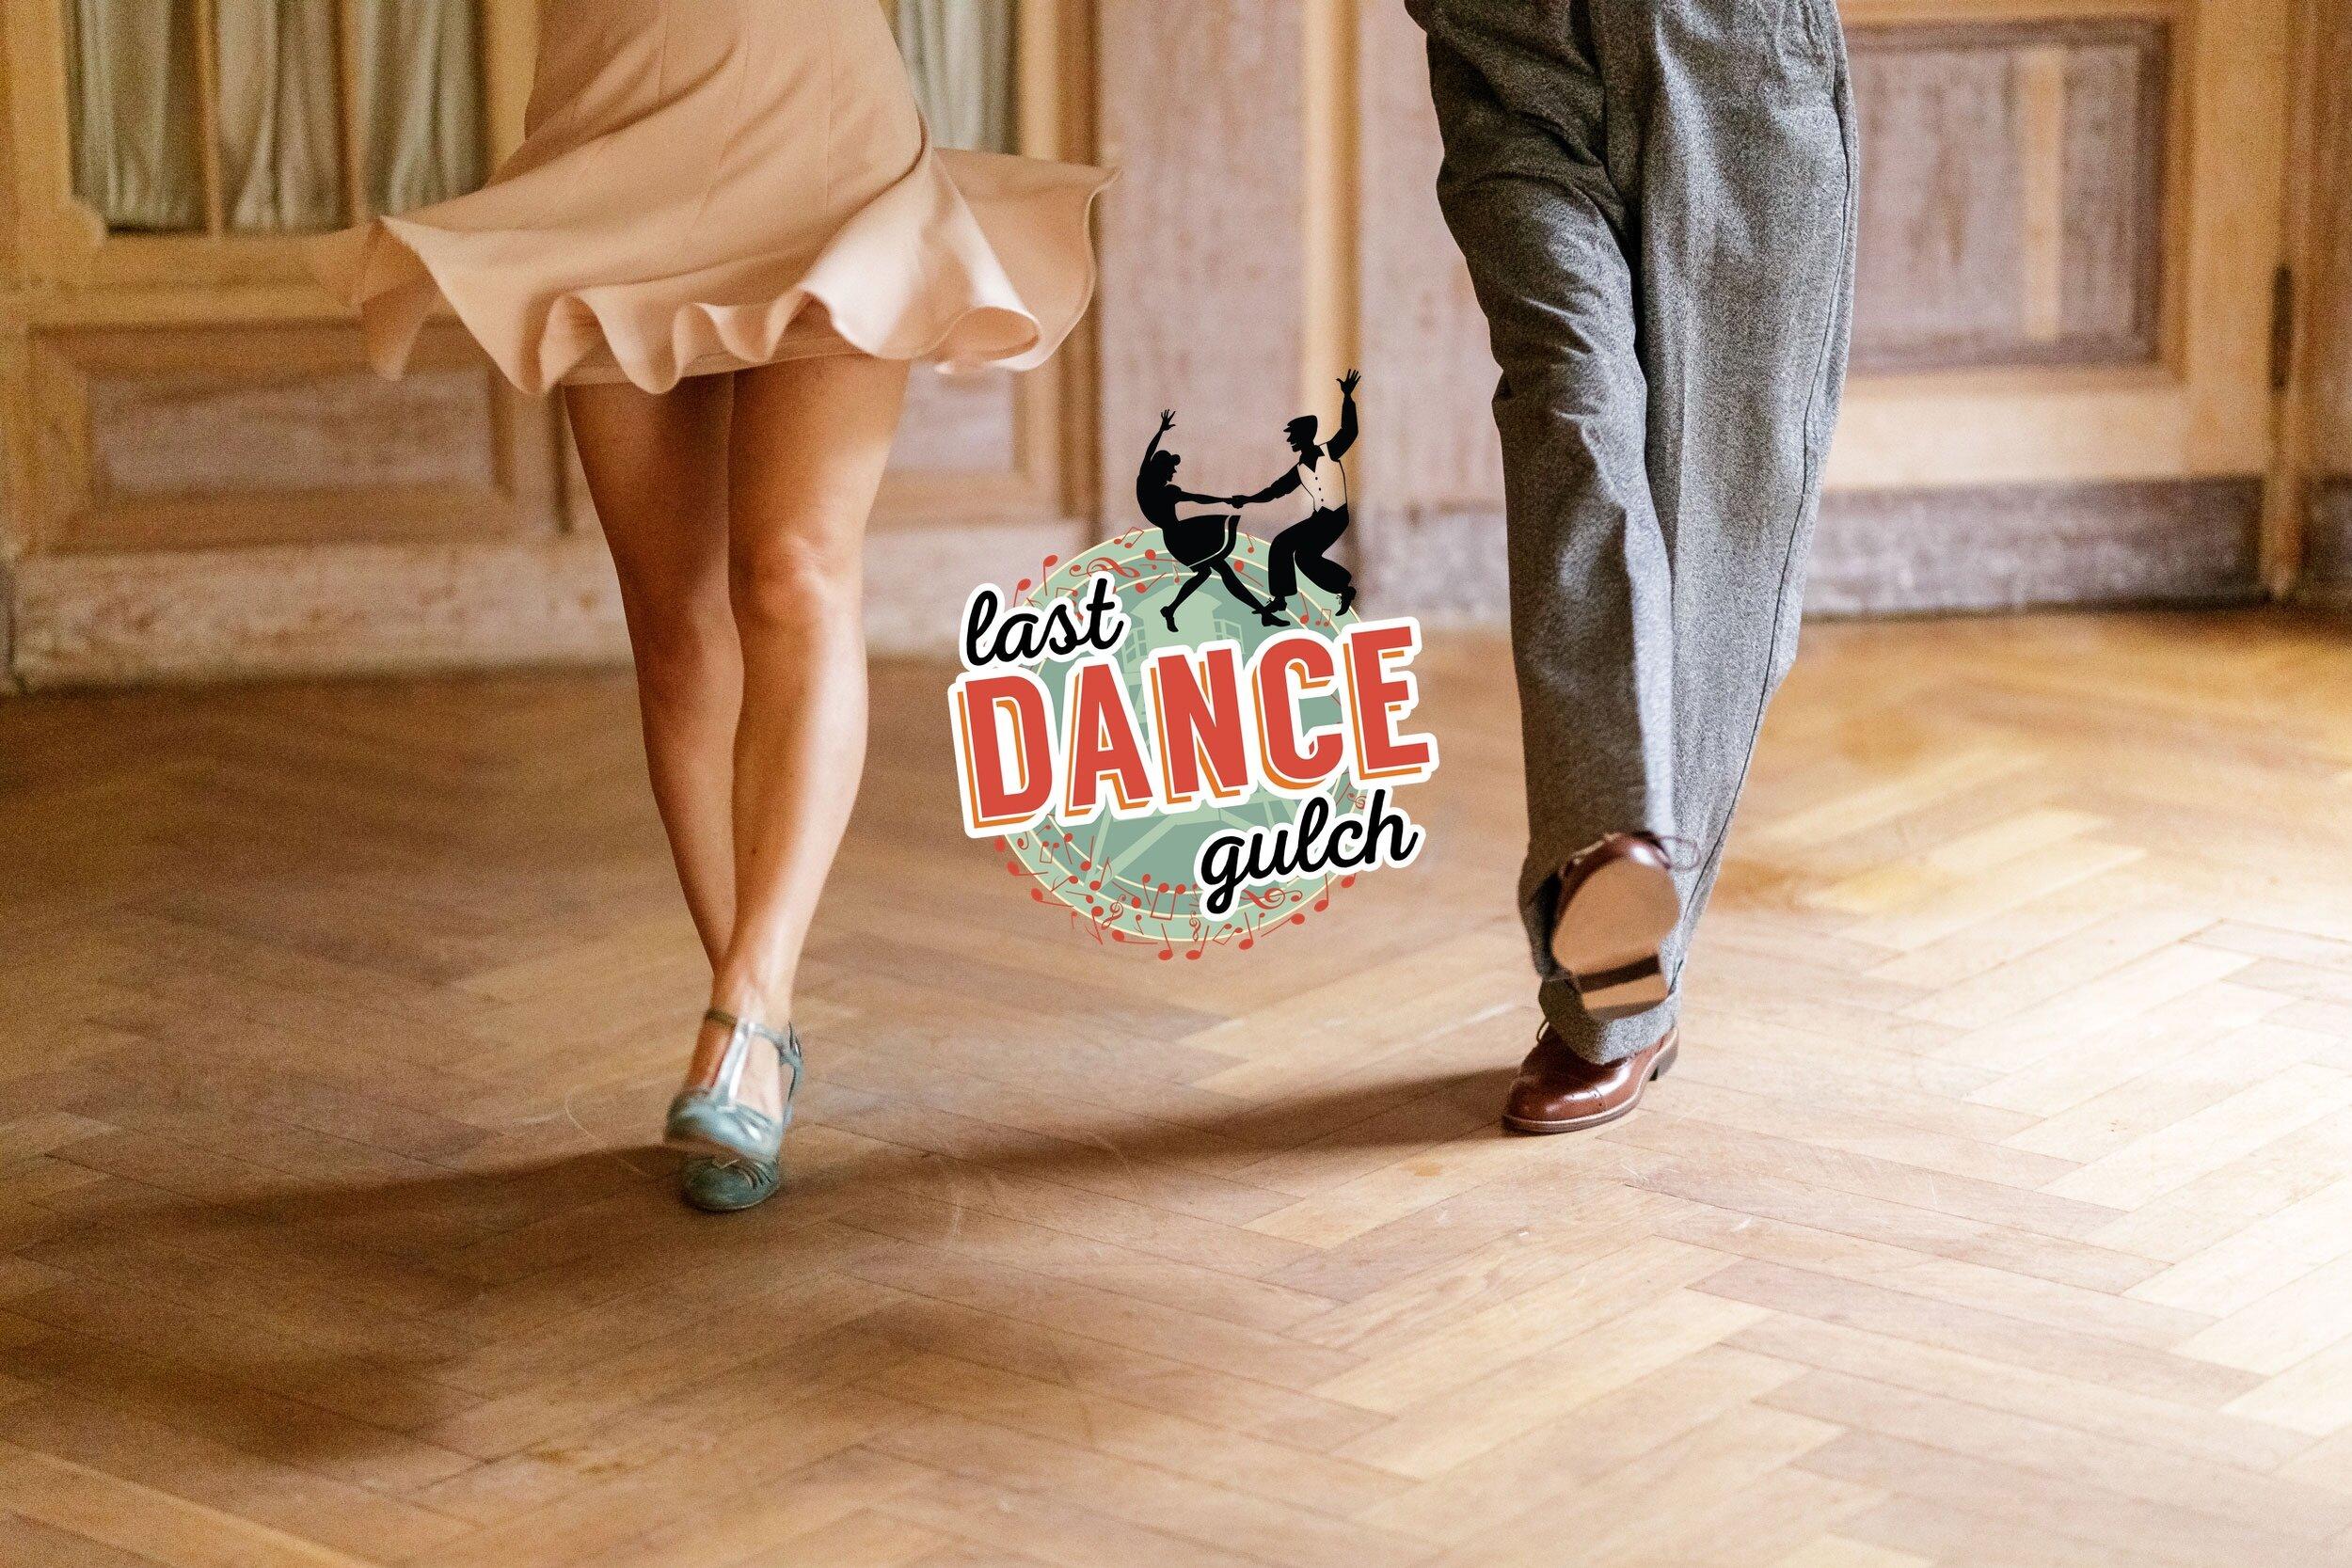 dance-class-helena-montana.jpg